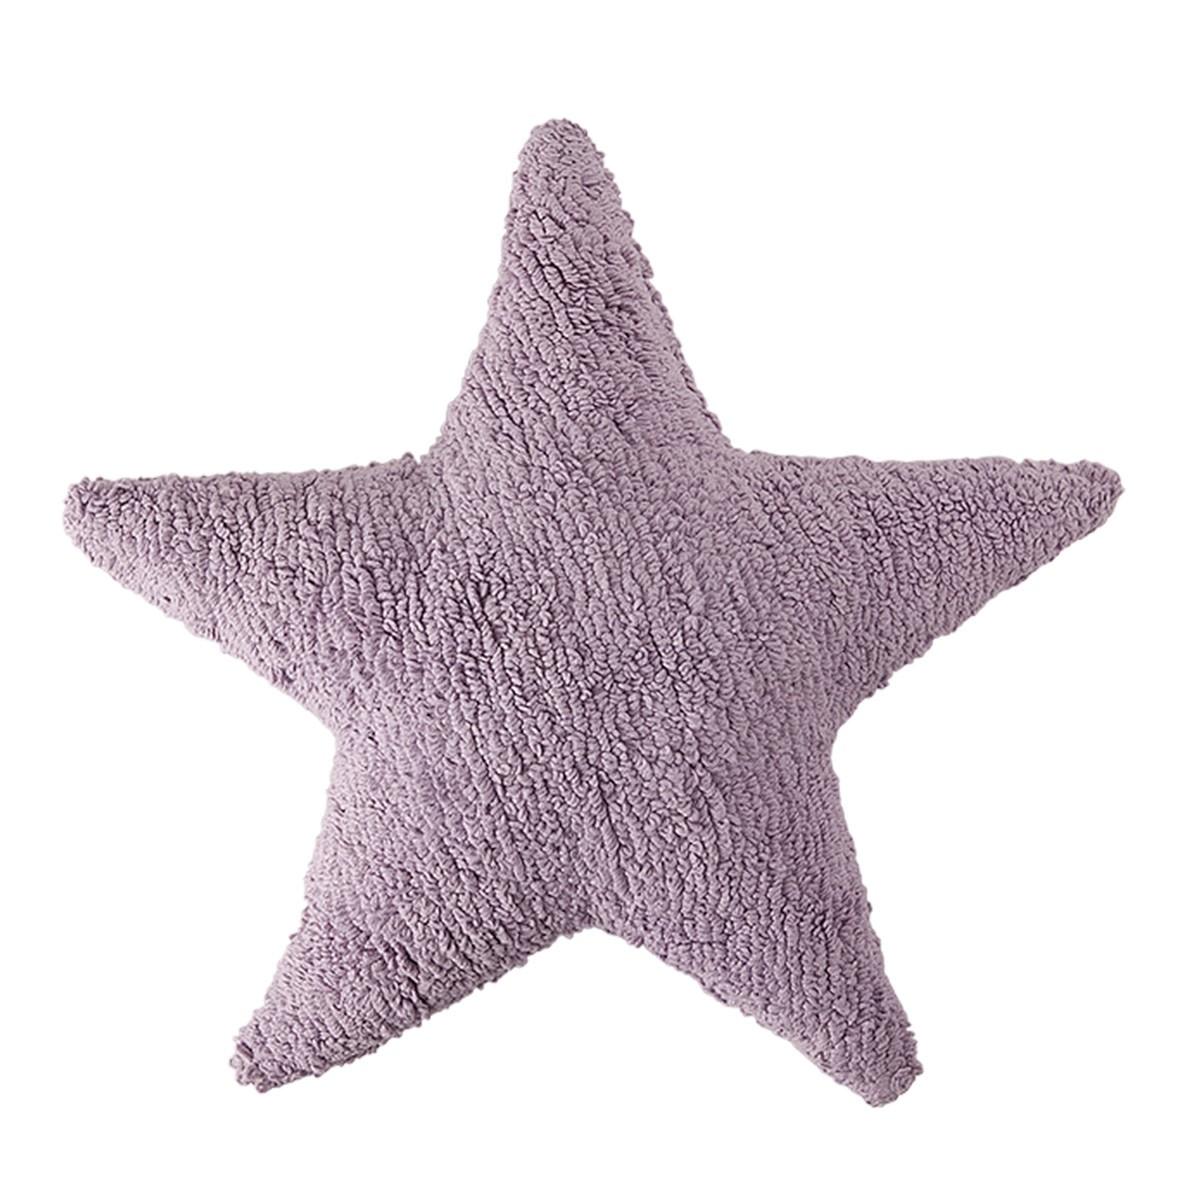 Διακοσμητικό Μαξιλάρι (50x50) Lorena Canals Star Purple